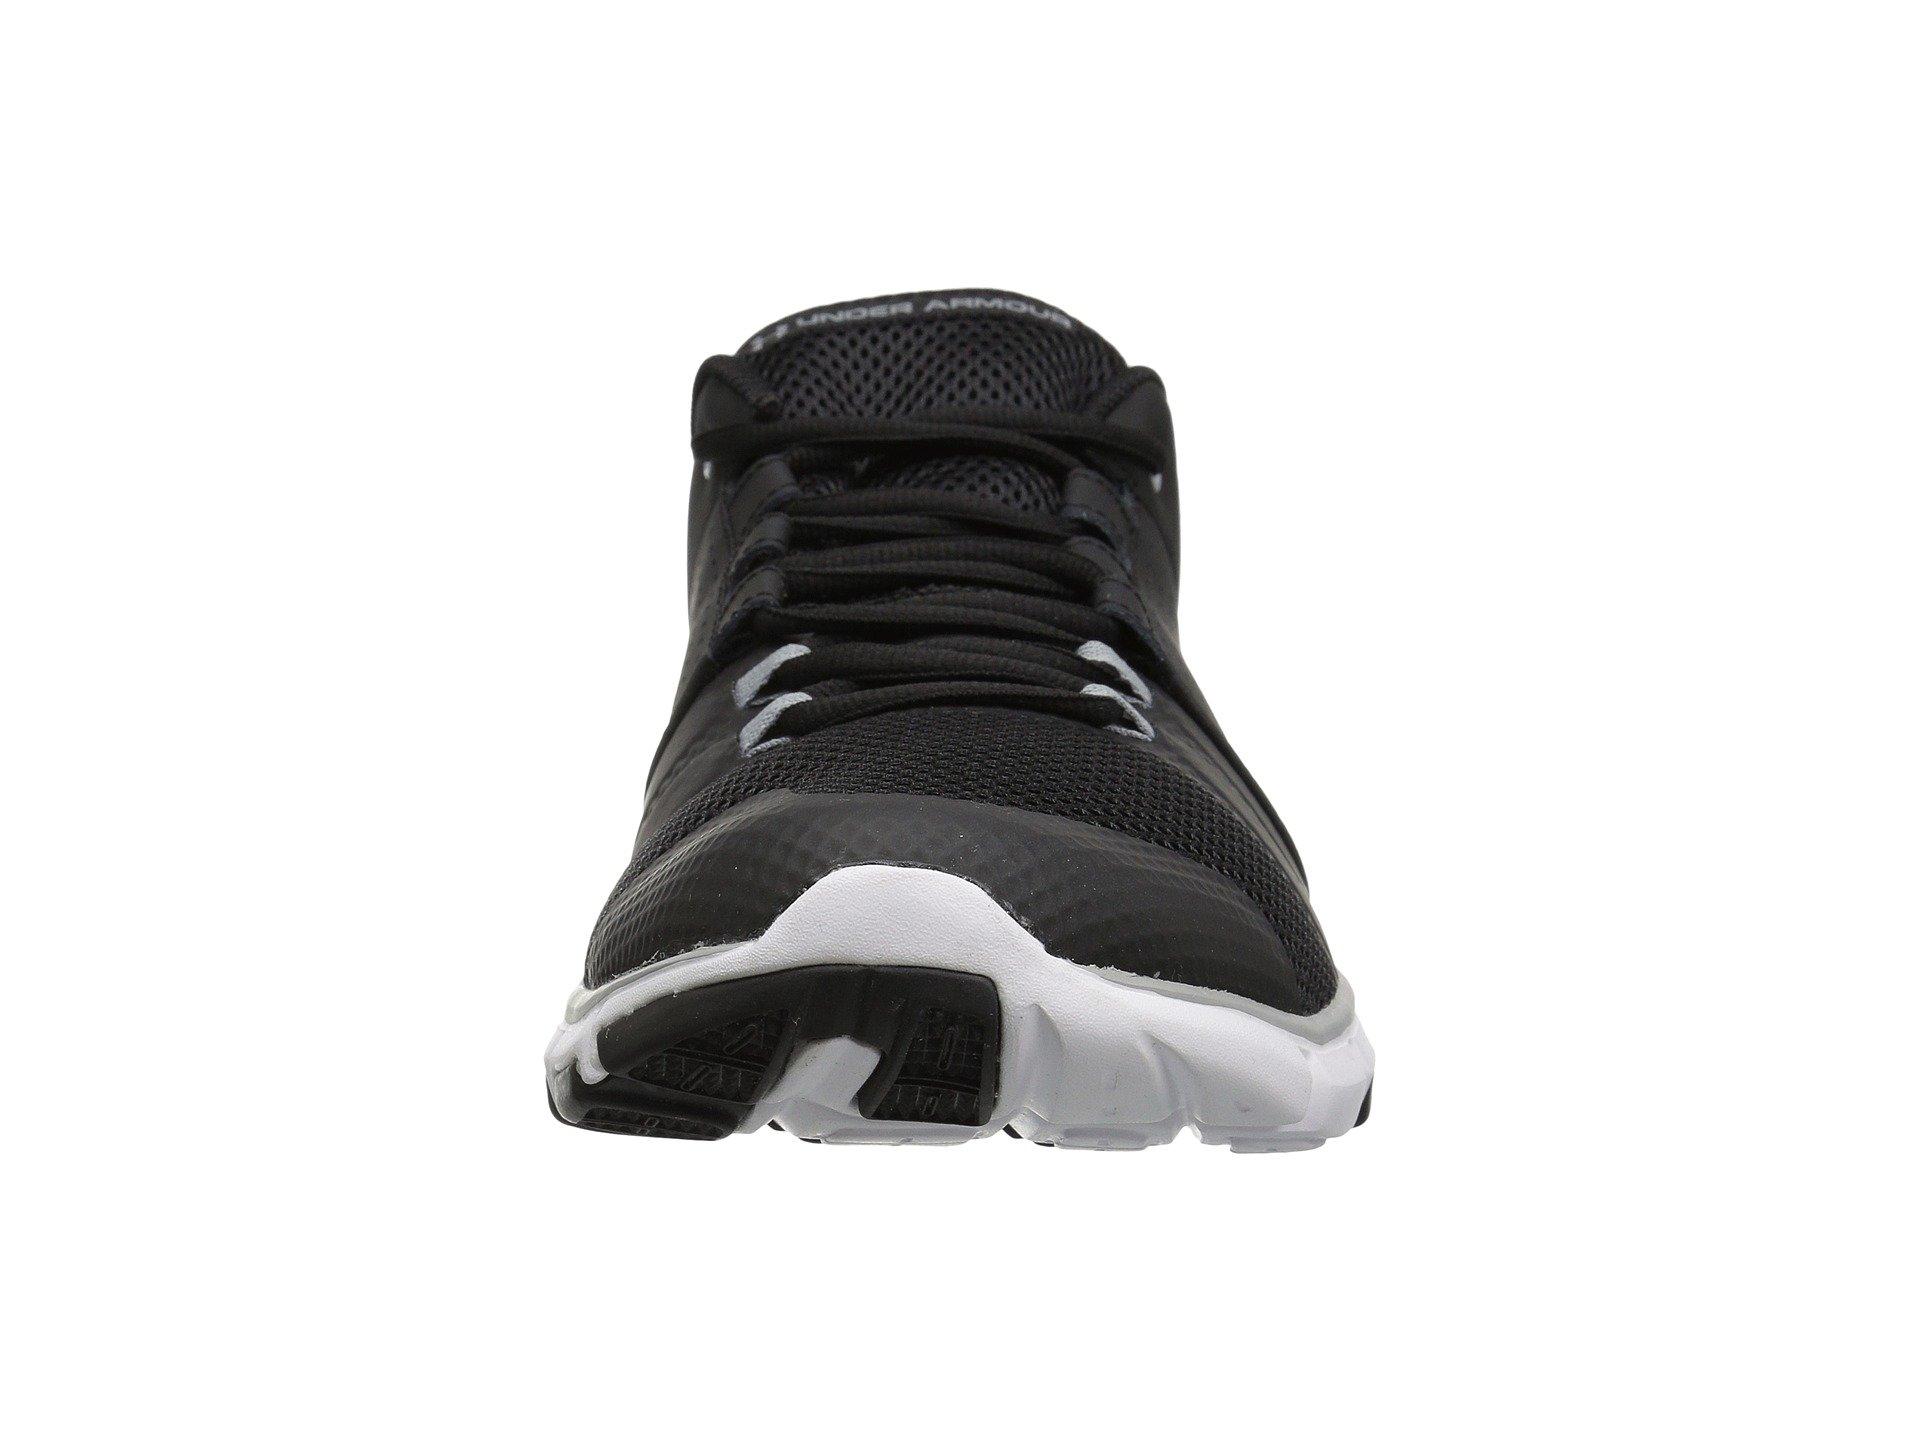 Femmes Victoria Pour D0cpz 95105 Ymnmvjyx Chaussures Oxw7Tq